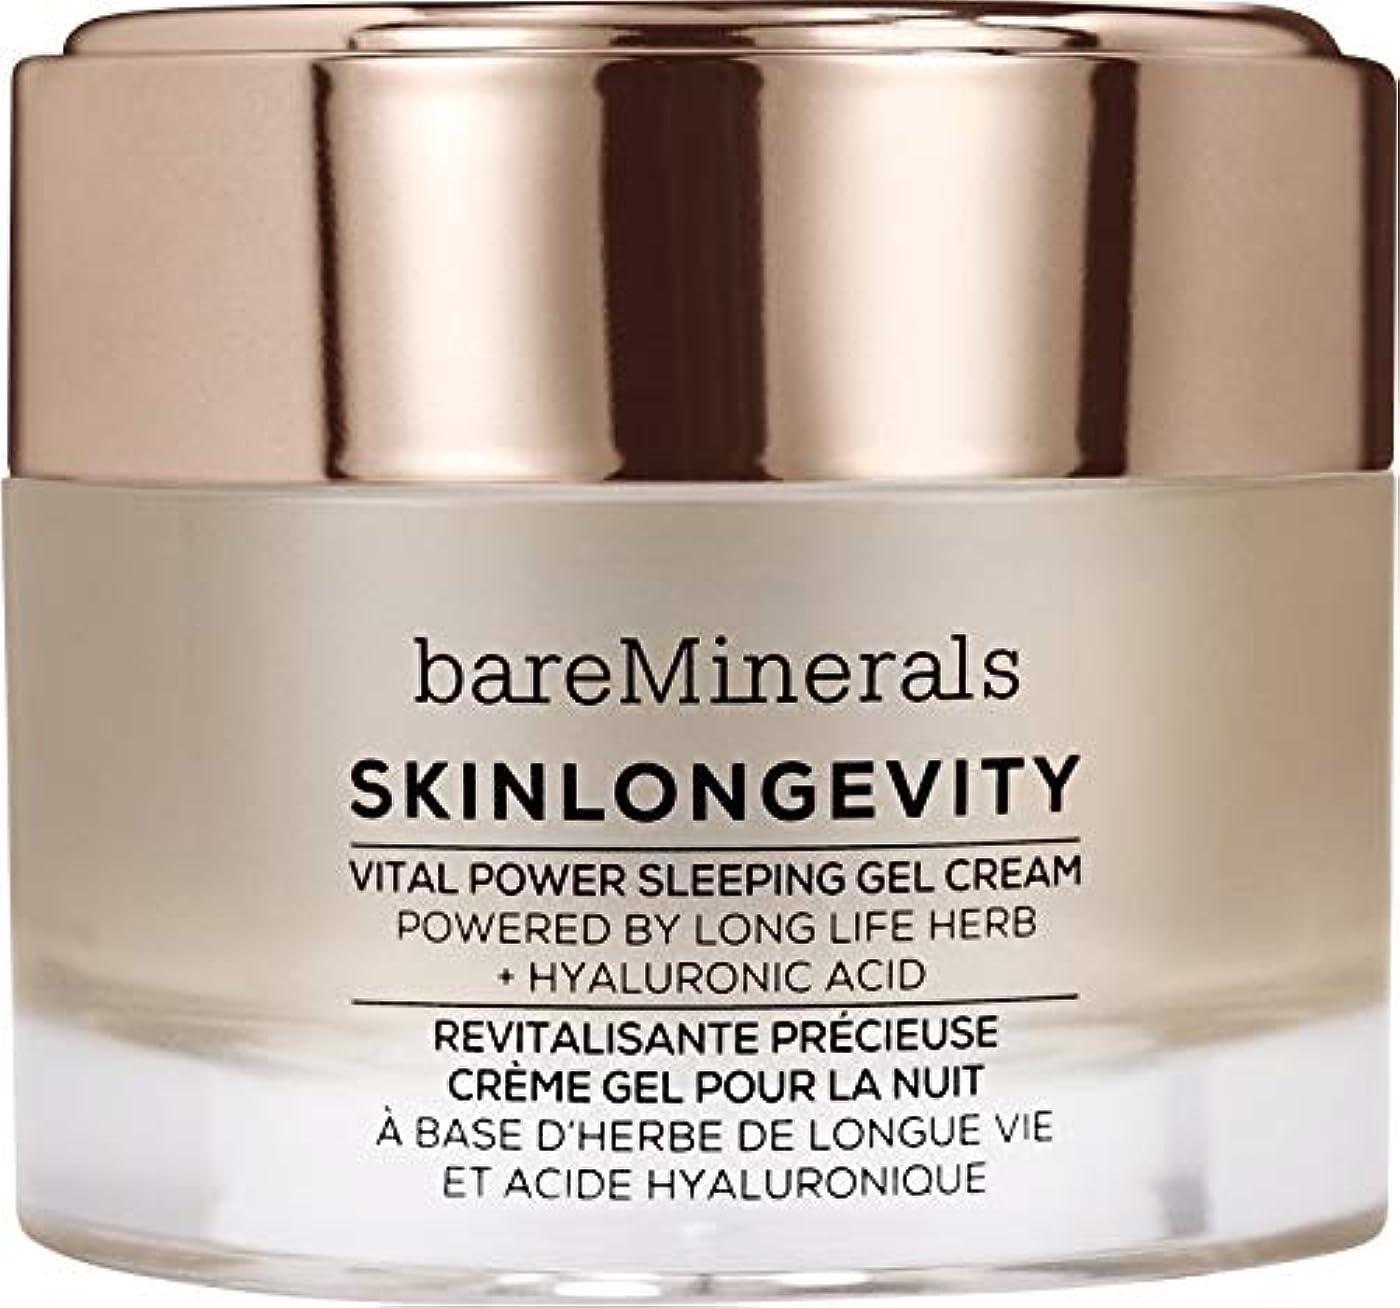 避ける手のひら同種のベアミネラル Skinlongevity Vital Power Sleeping Gel Cream 50g/1.7oz並行輸入品